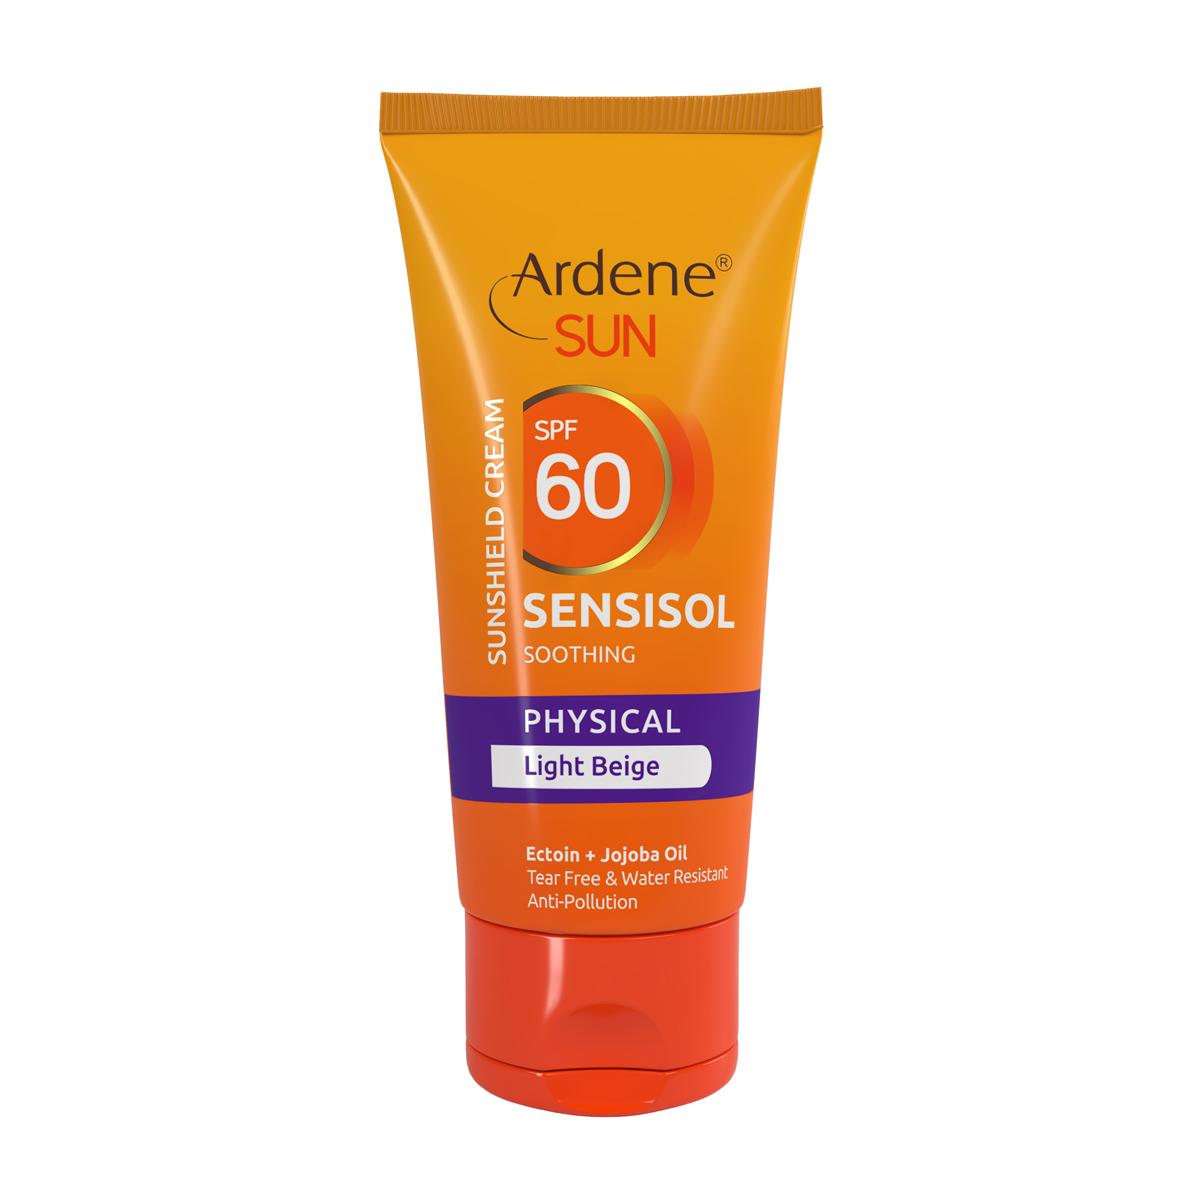 کرم ضد آفتاب رنگی SPF60 فیزیکال آردن مدل Sensisol حجم 50 میل- بژ روشن